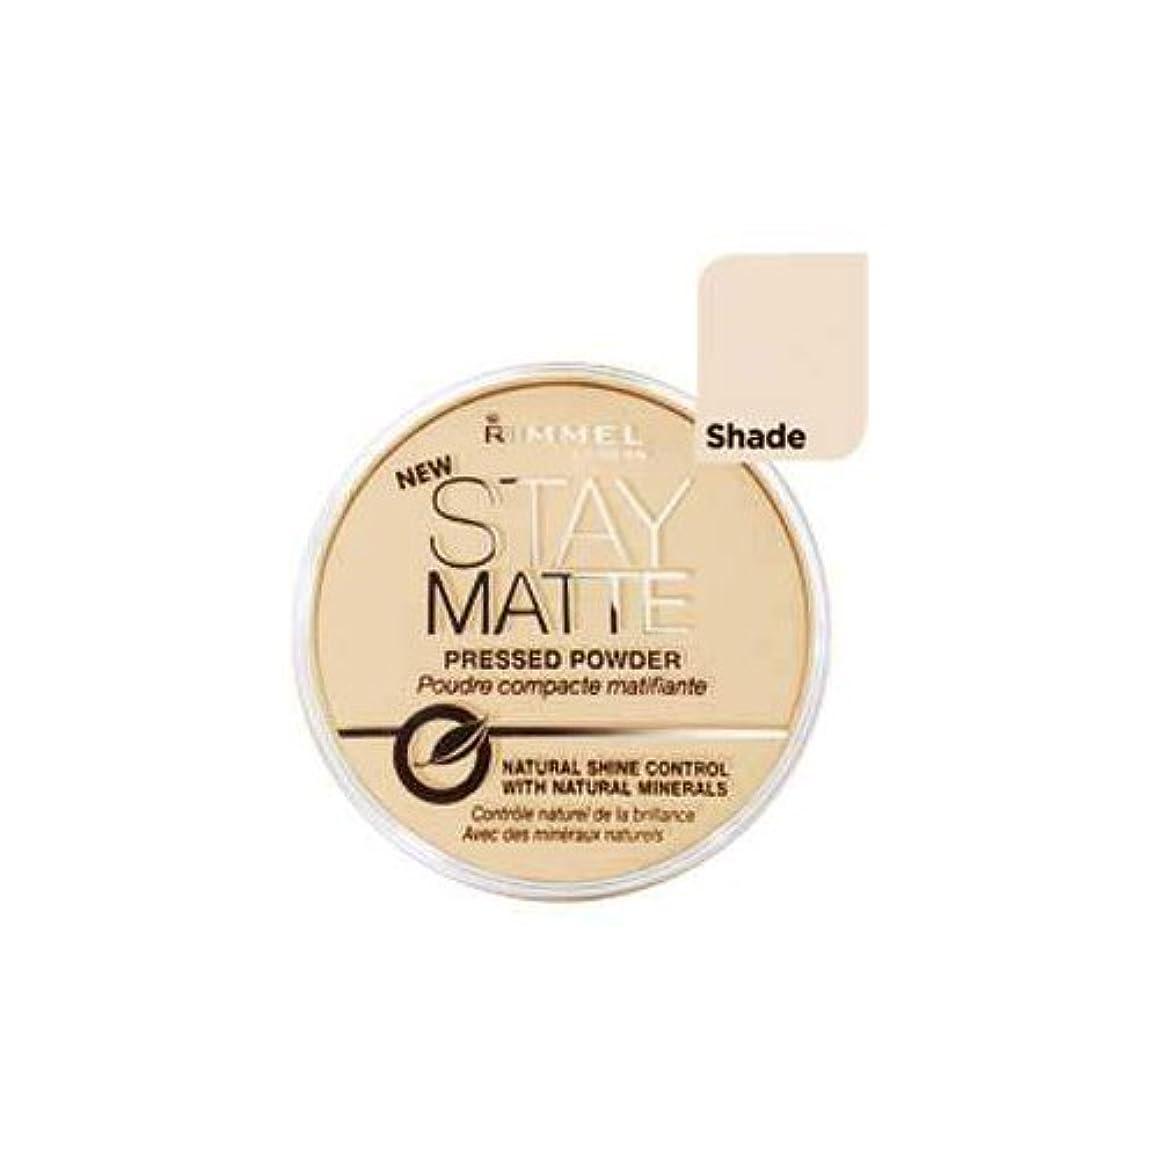 クラッシュインチ枯渇するRimmel Stay Matte Natural Shine Control Pressed Powder Silky Beige (2-Pack) (並行輸入品)